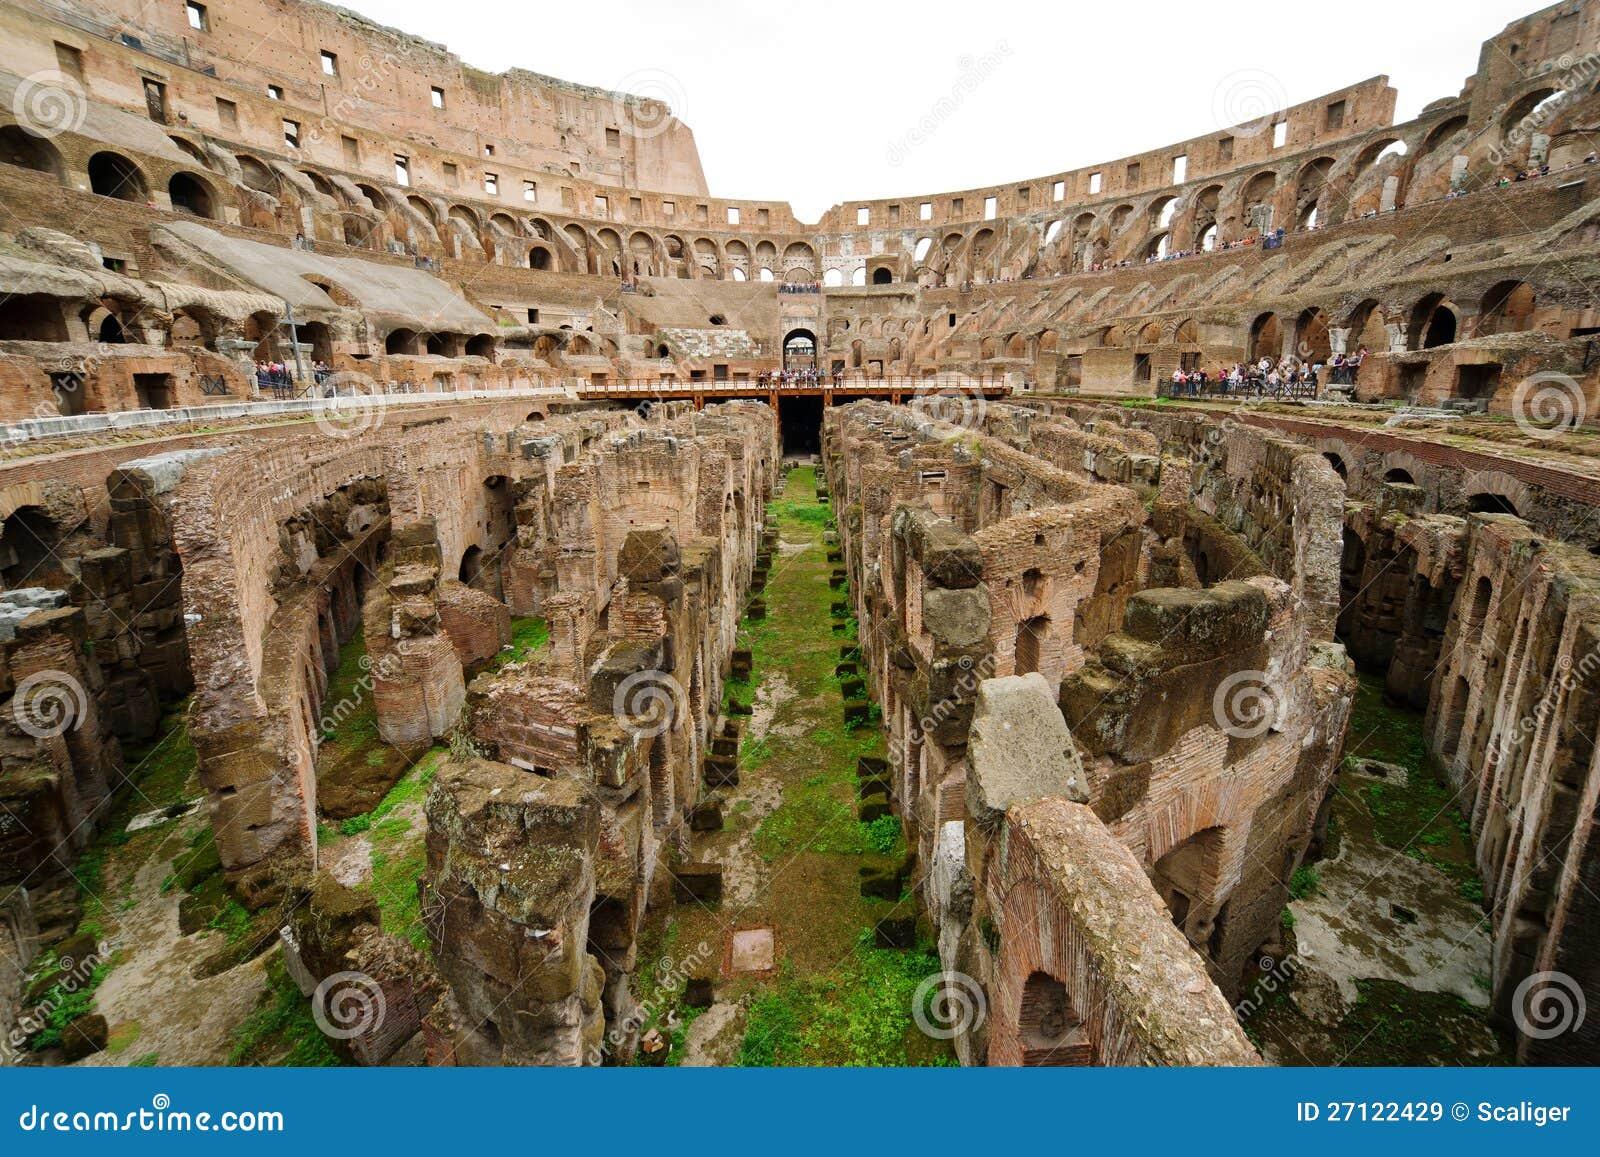 All interno di Colosseum a Roma